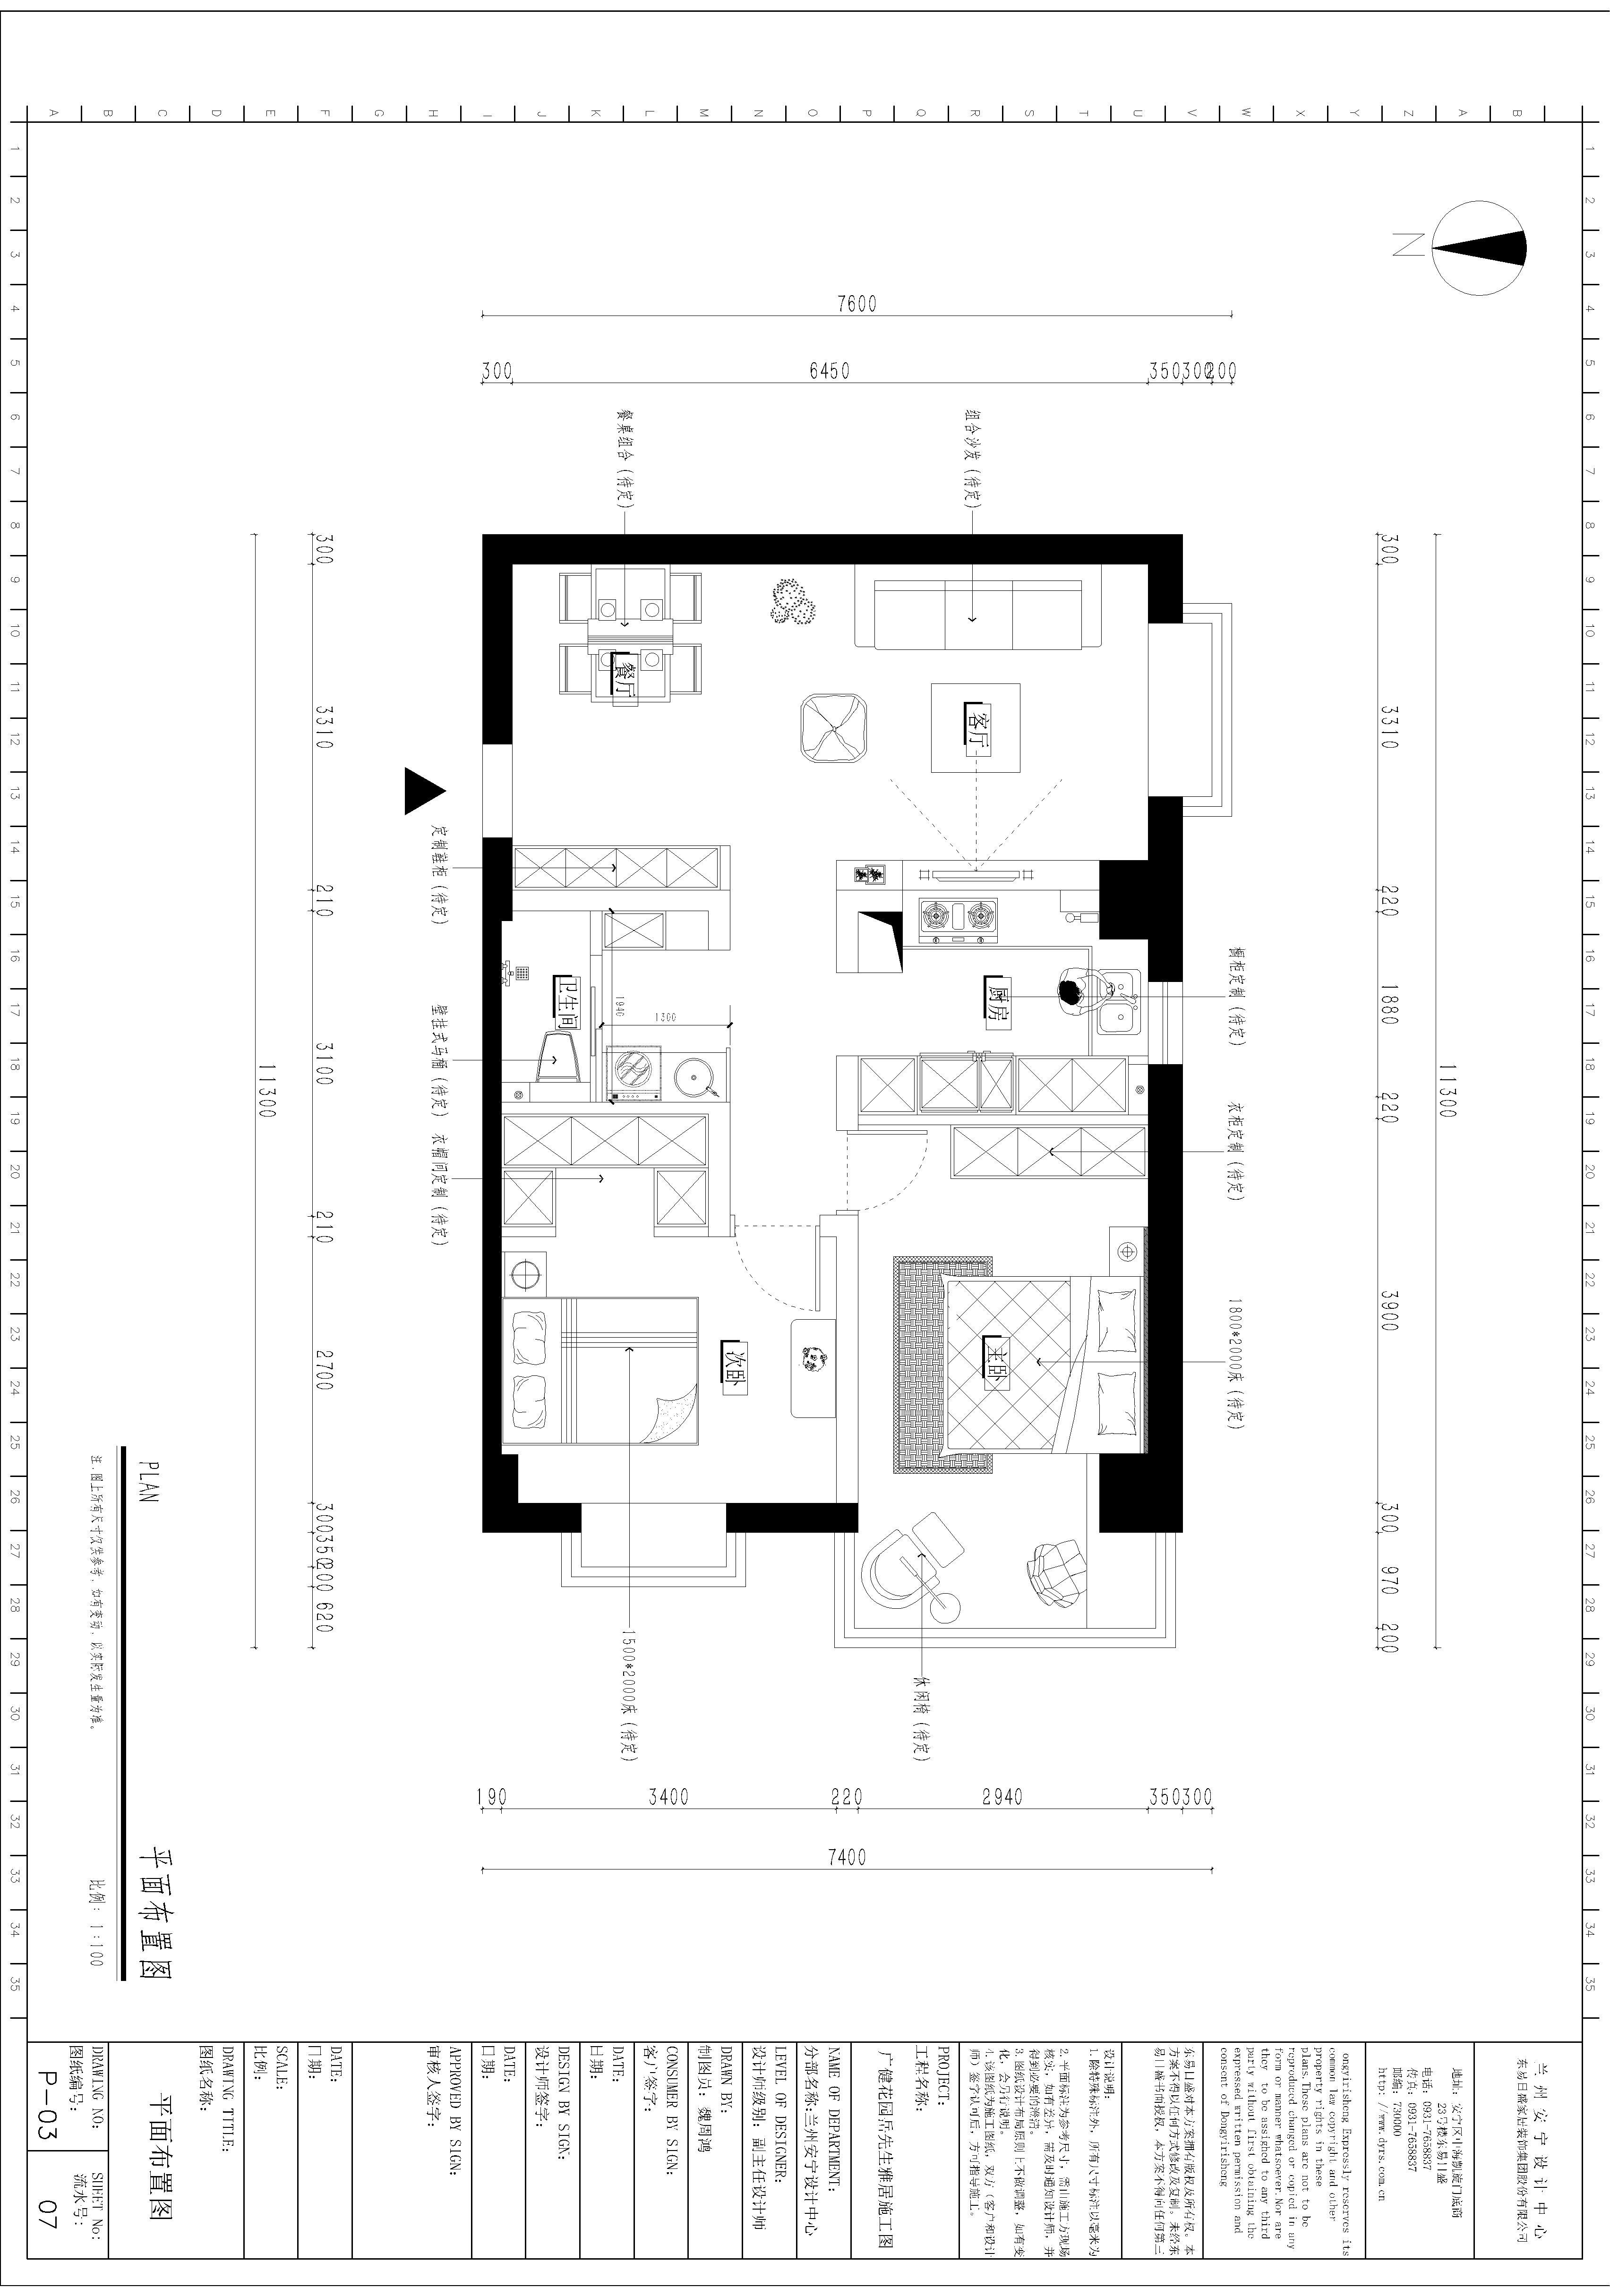 中广宜景湾尚城97㎡两居室现代前卫风格装修案例效果图装修设计理念